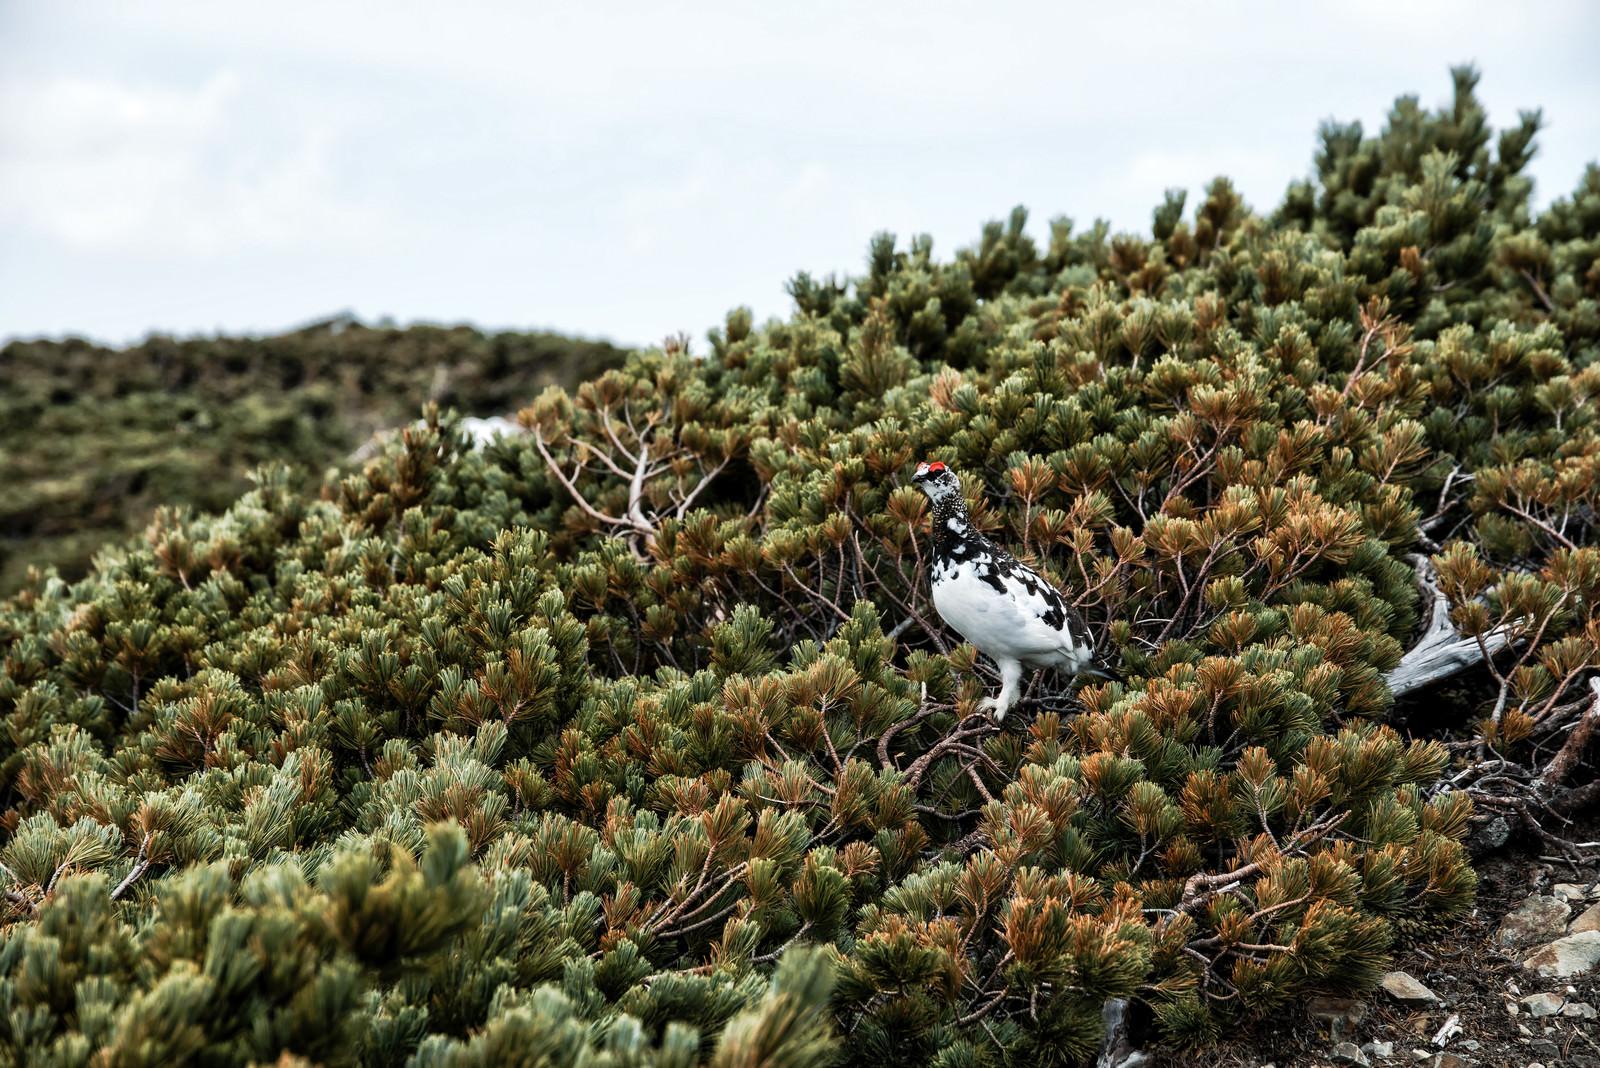 「ハイマツと白い毛の雷鳥」の写真